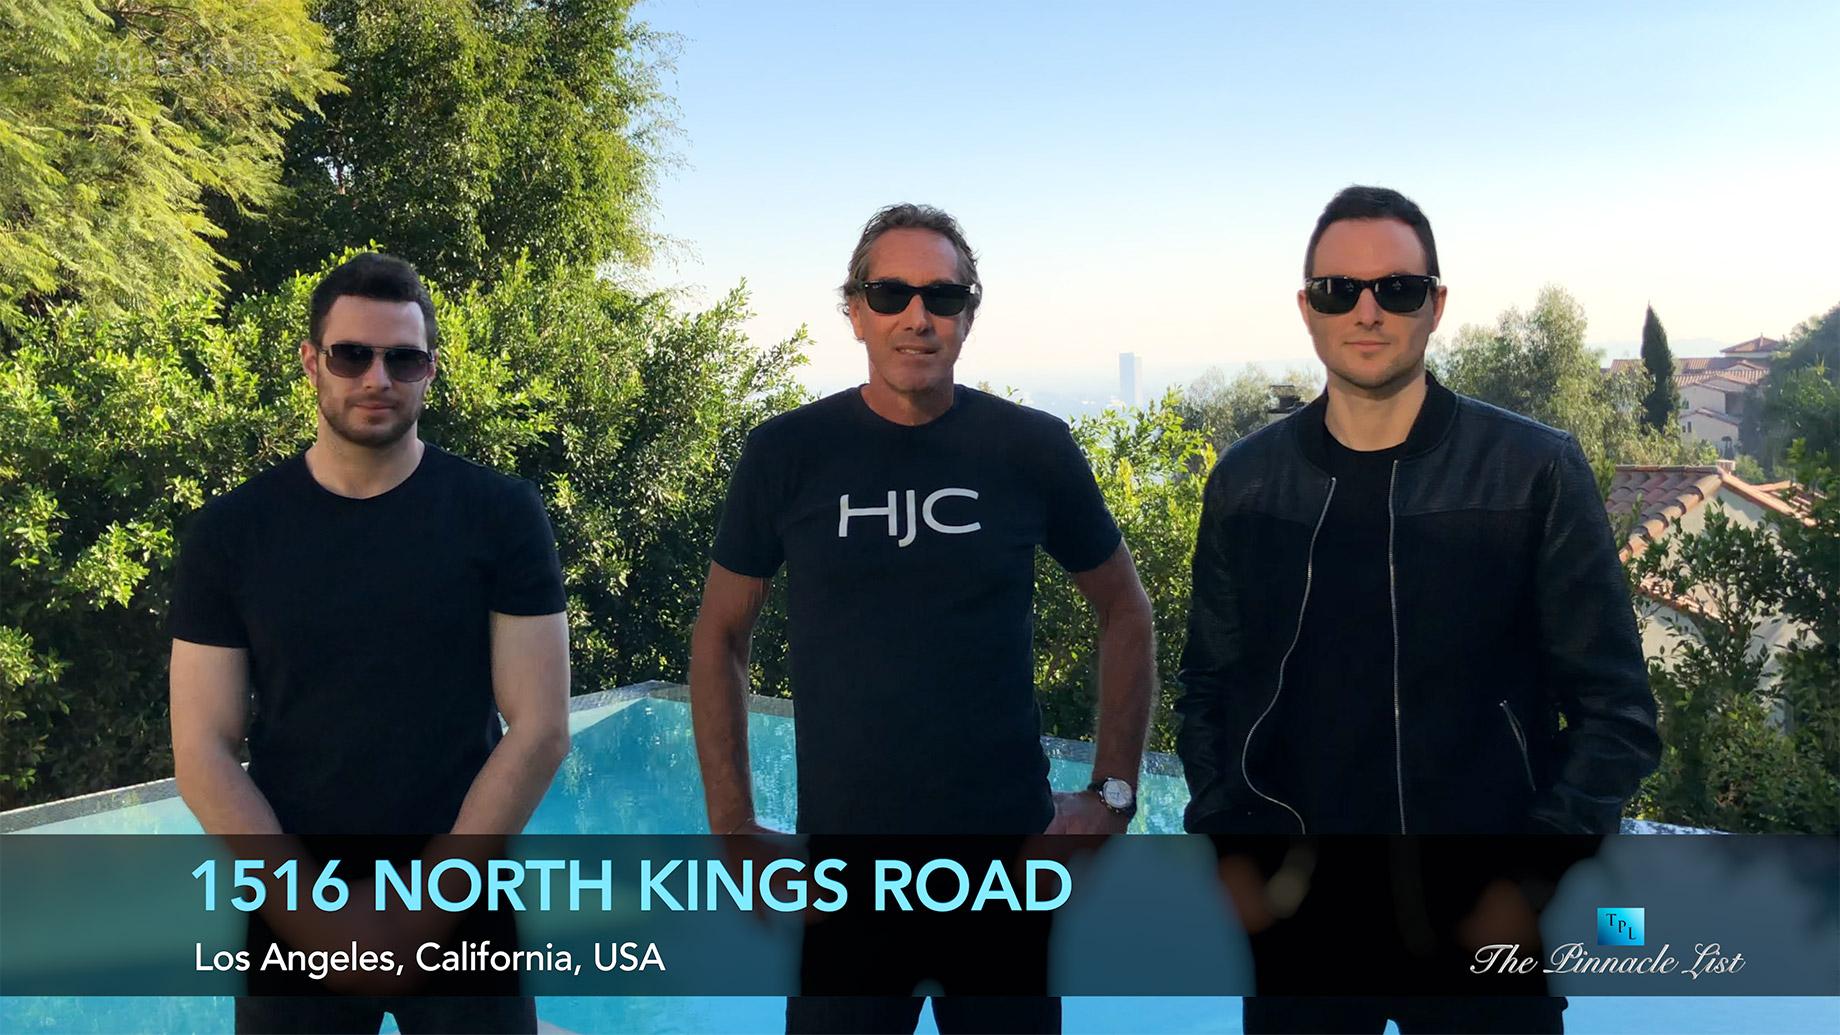 1516 N Kings Rd, Los Angeles, CA, USA - Derek Alexander, Marcus Anthony & Bob Hurwitz - Luxury Real Estate - Video